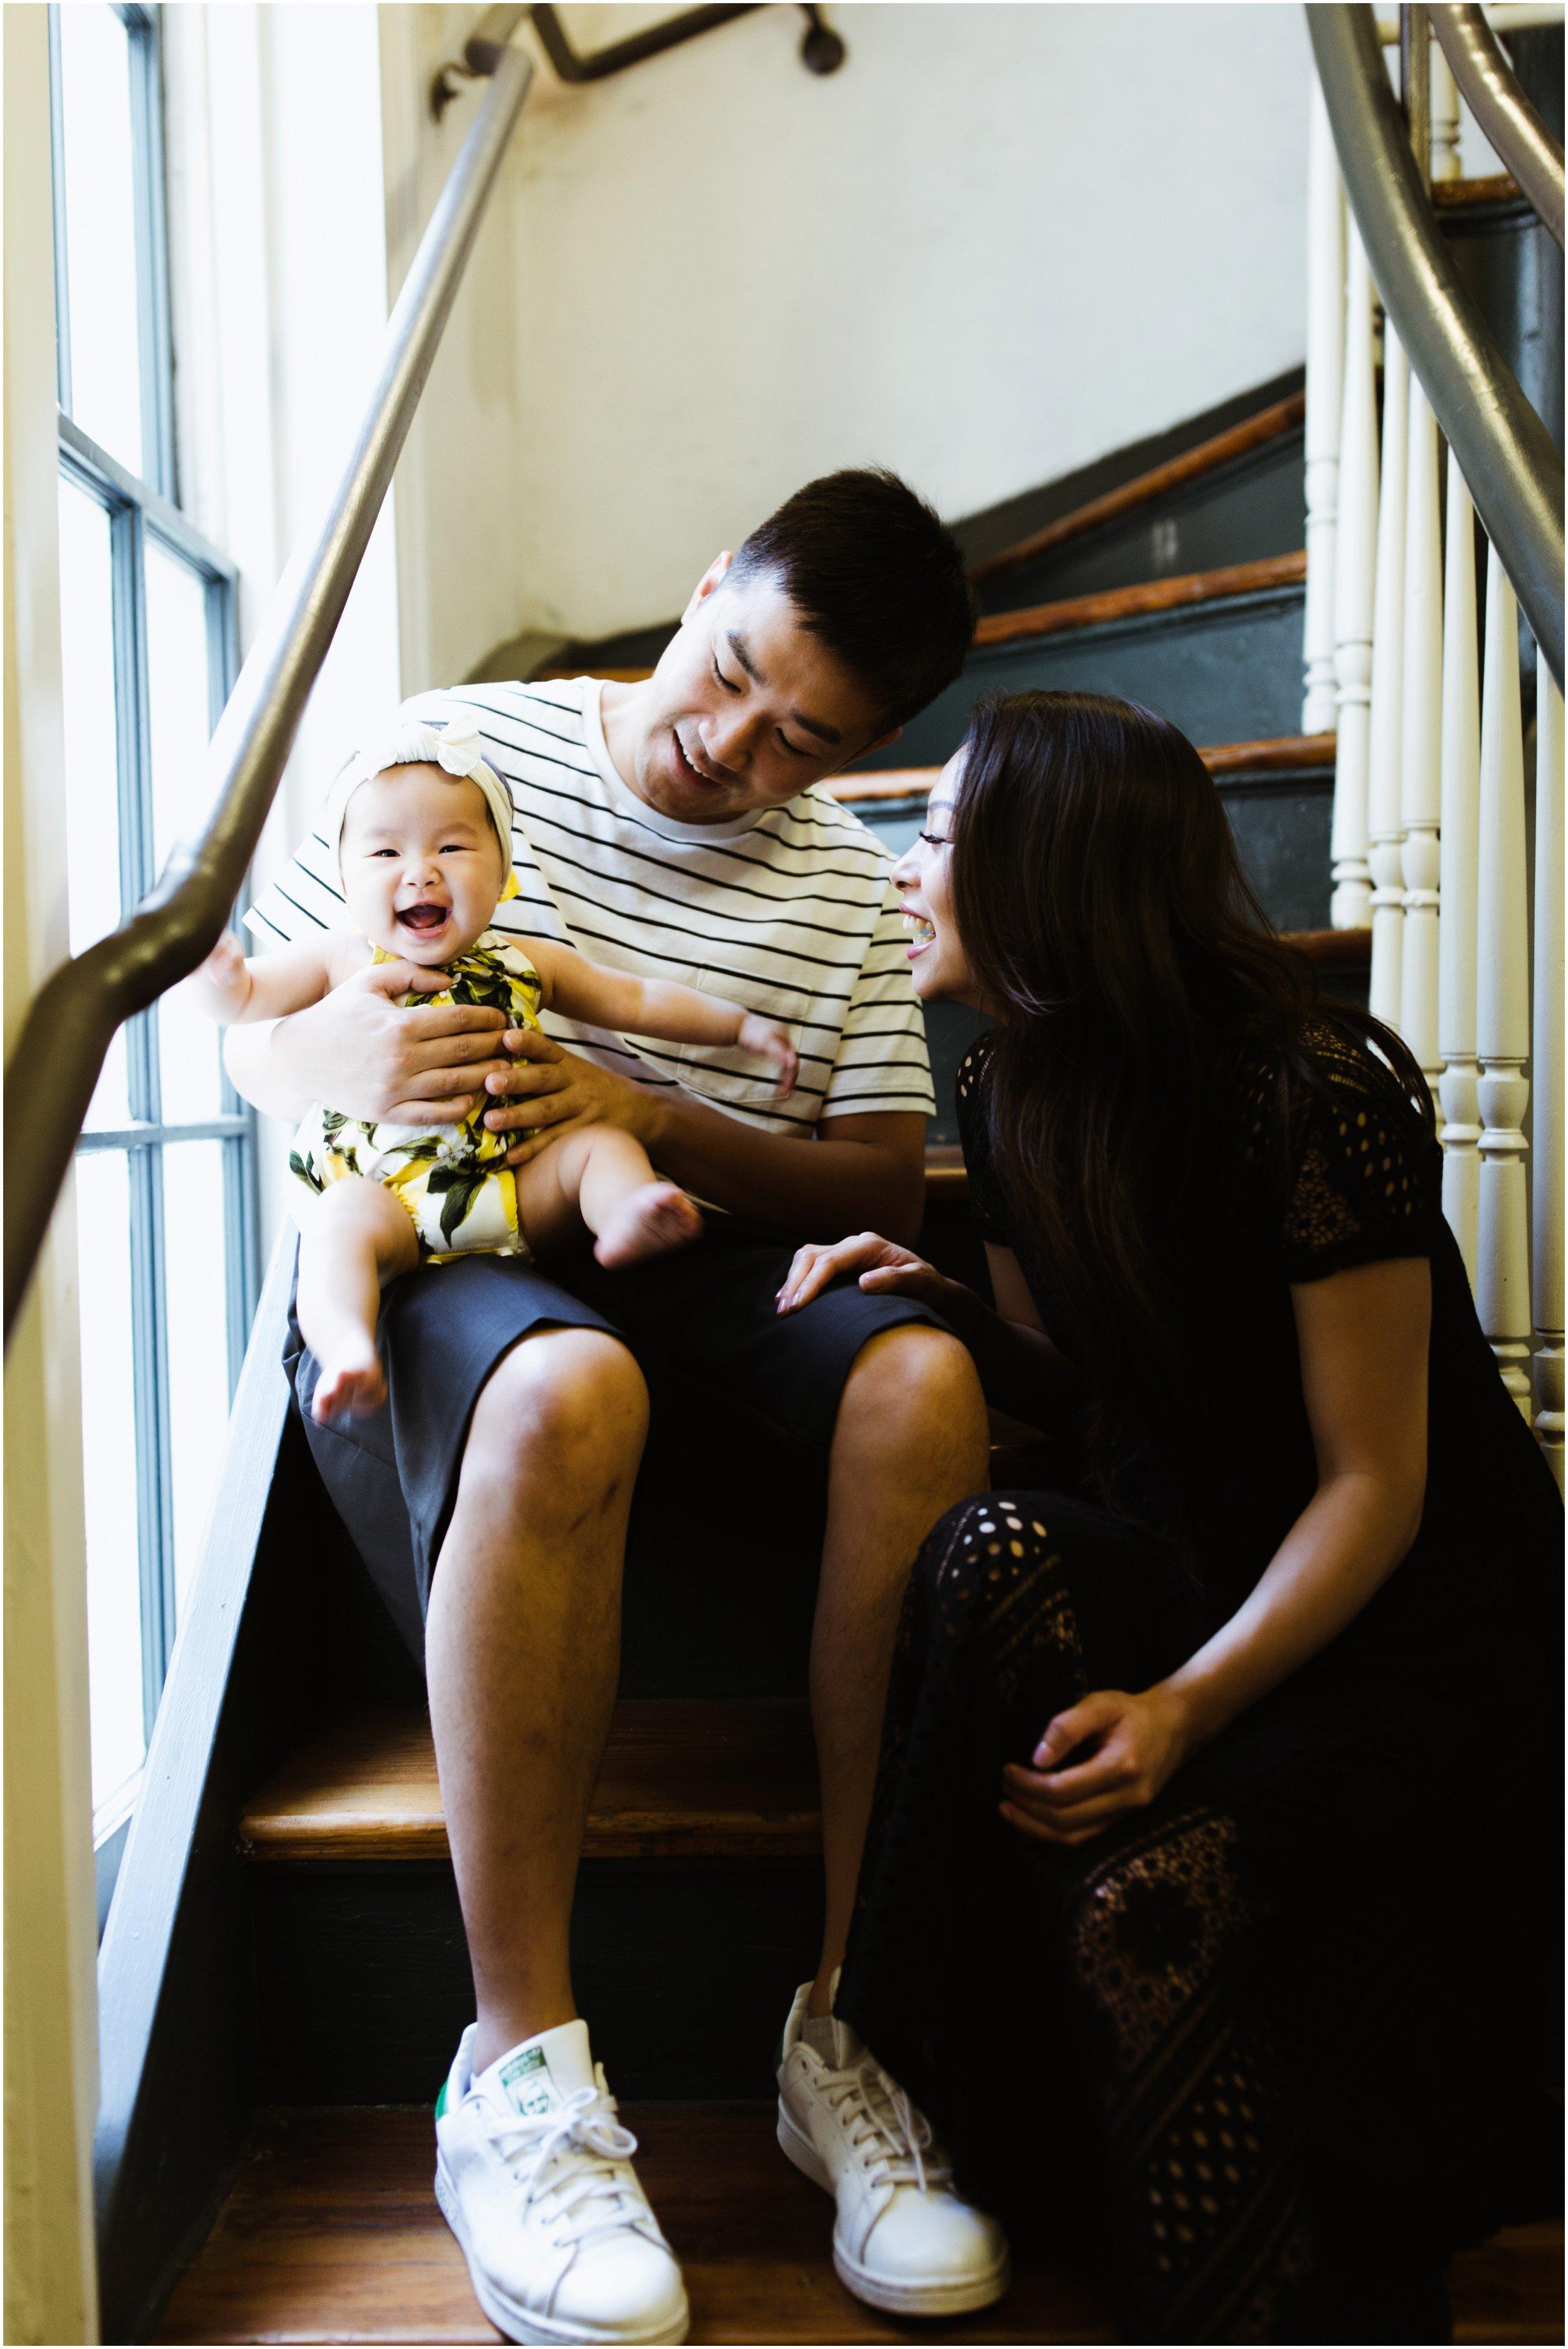 Nori-Catahoula-Hotel-2017-6-Months-Family-7392_quaint-and-whim-lifestyle-newborn-photographer-louisiana.jpg